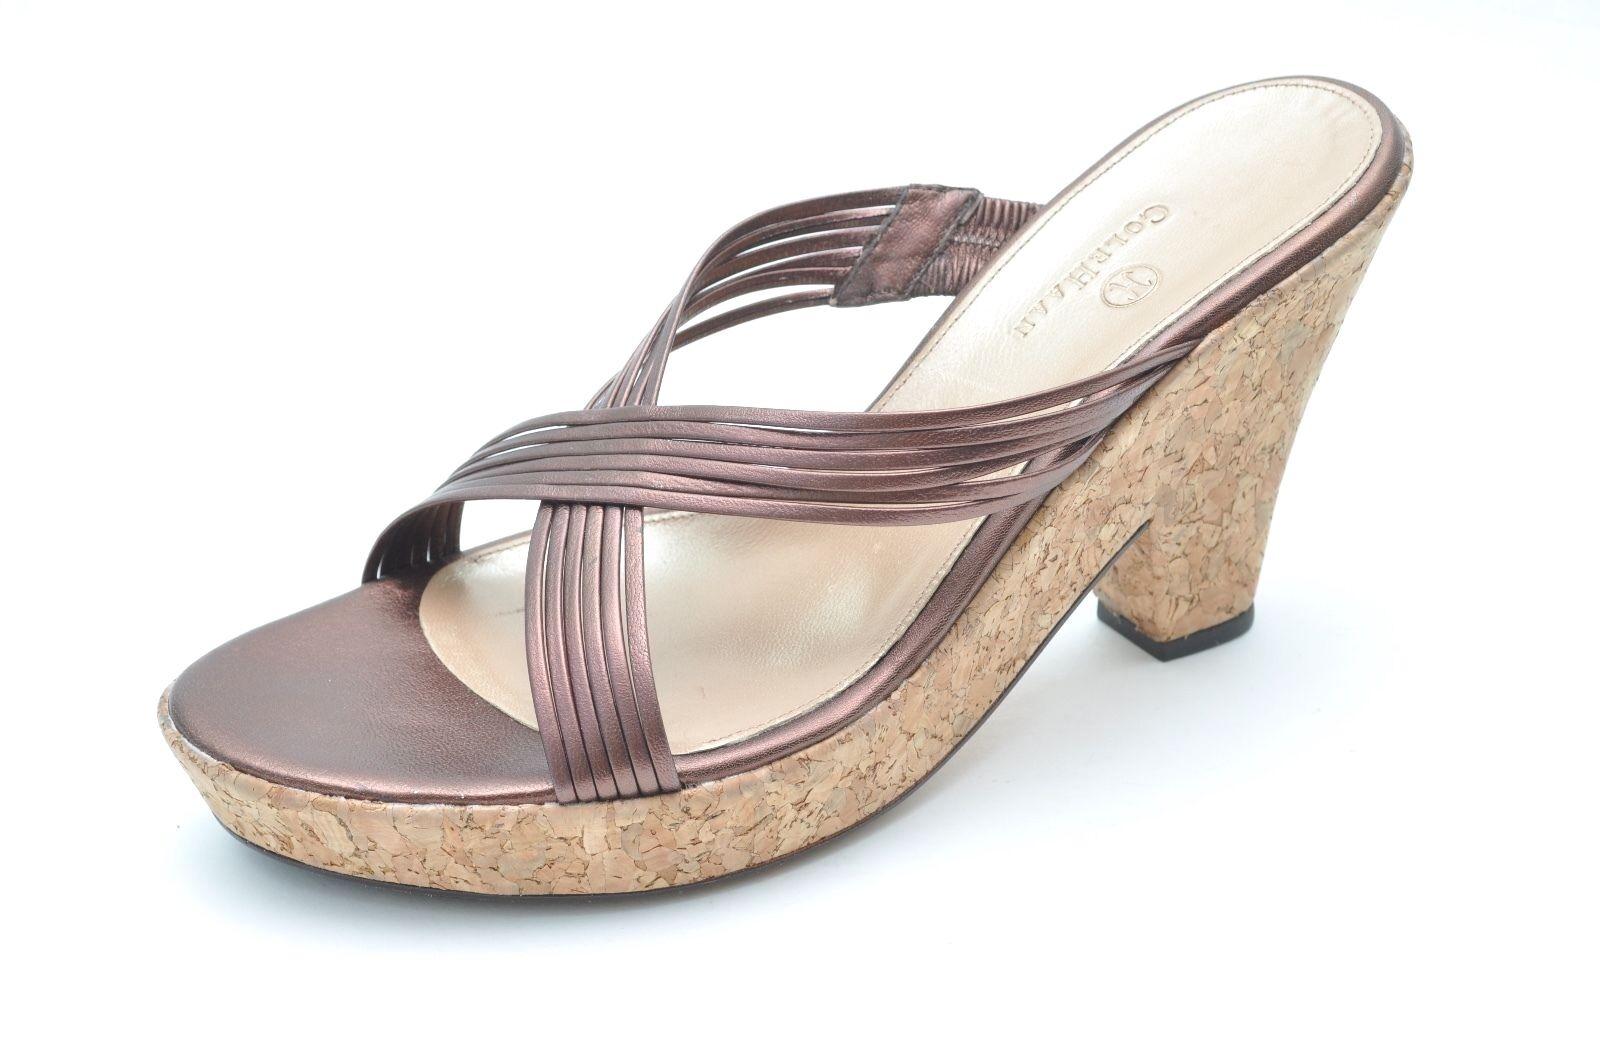 Cole Haan CARLEIGH Heels Metallic Copper Braun Slides Heels CARLEIGH Sandales Damenschuhe 10 - NEW 40036c